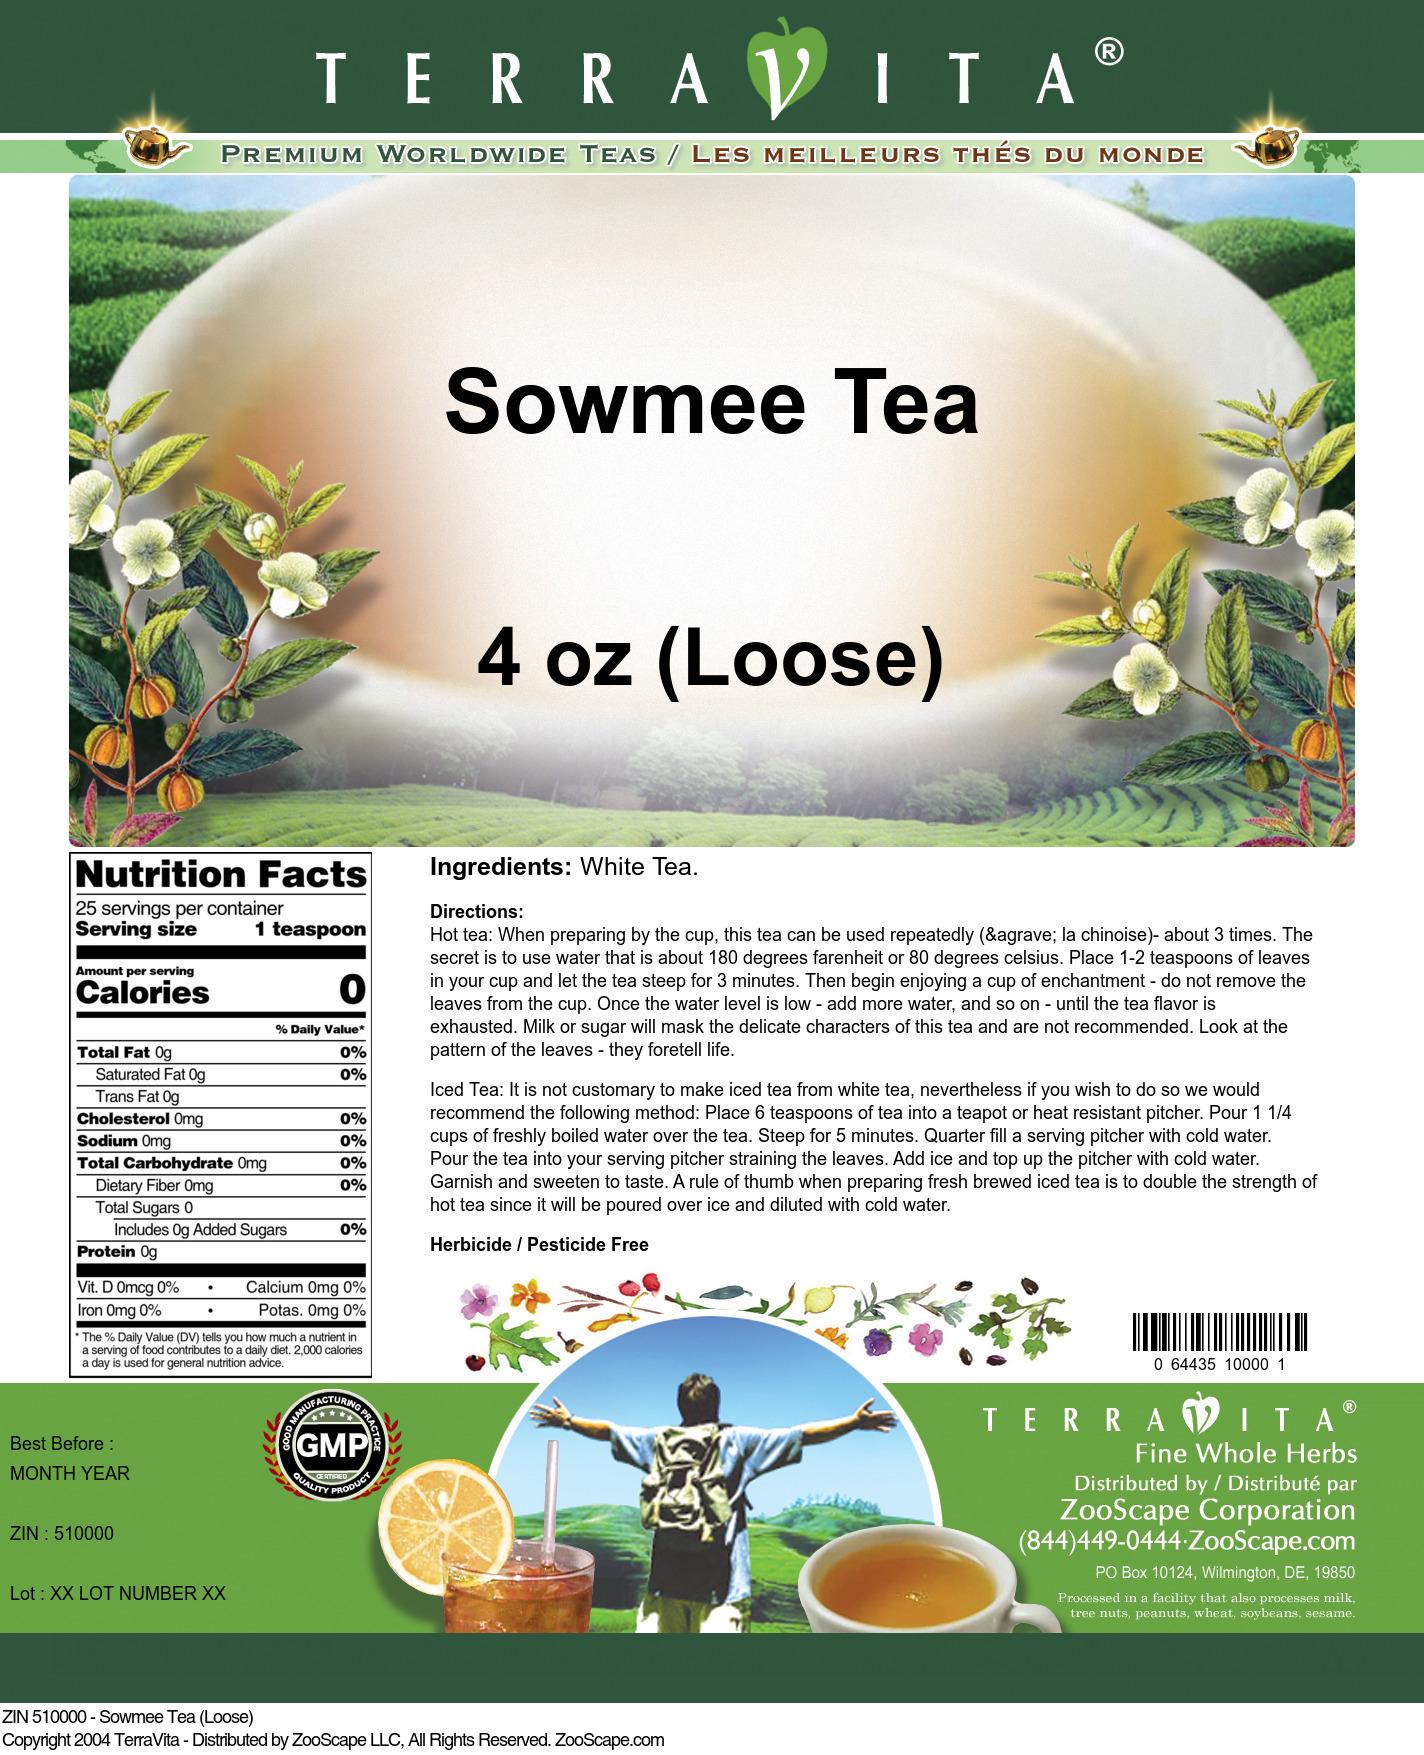 Sowmee Tea (Loose)